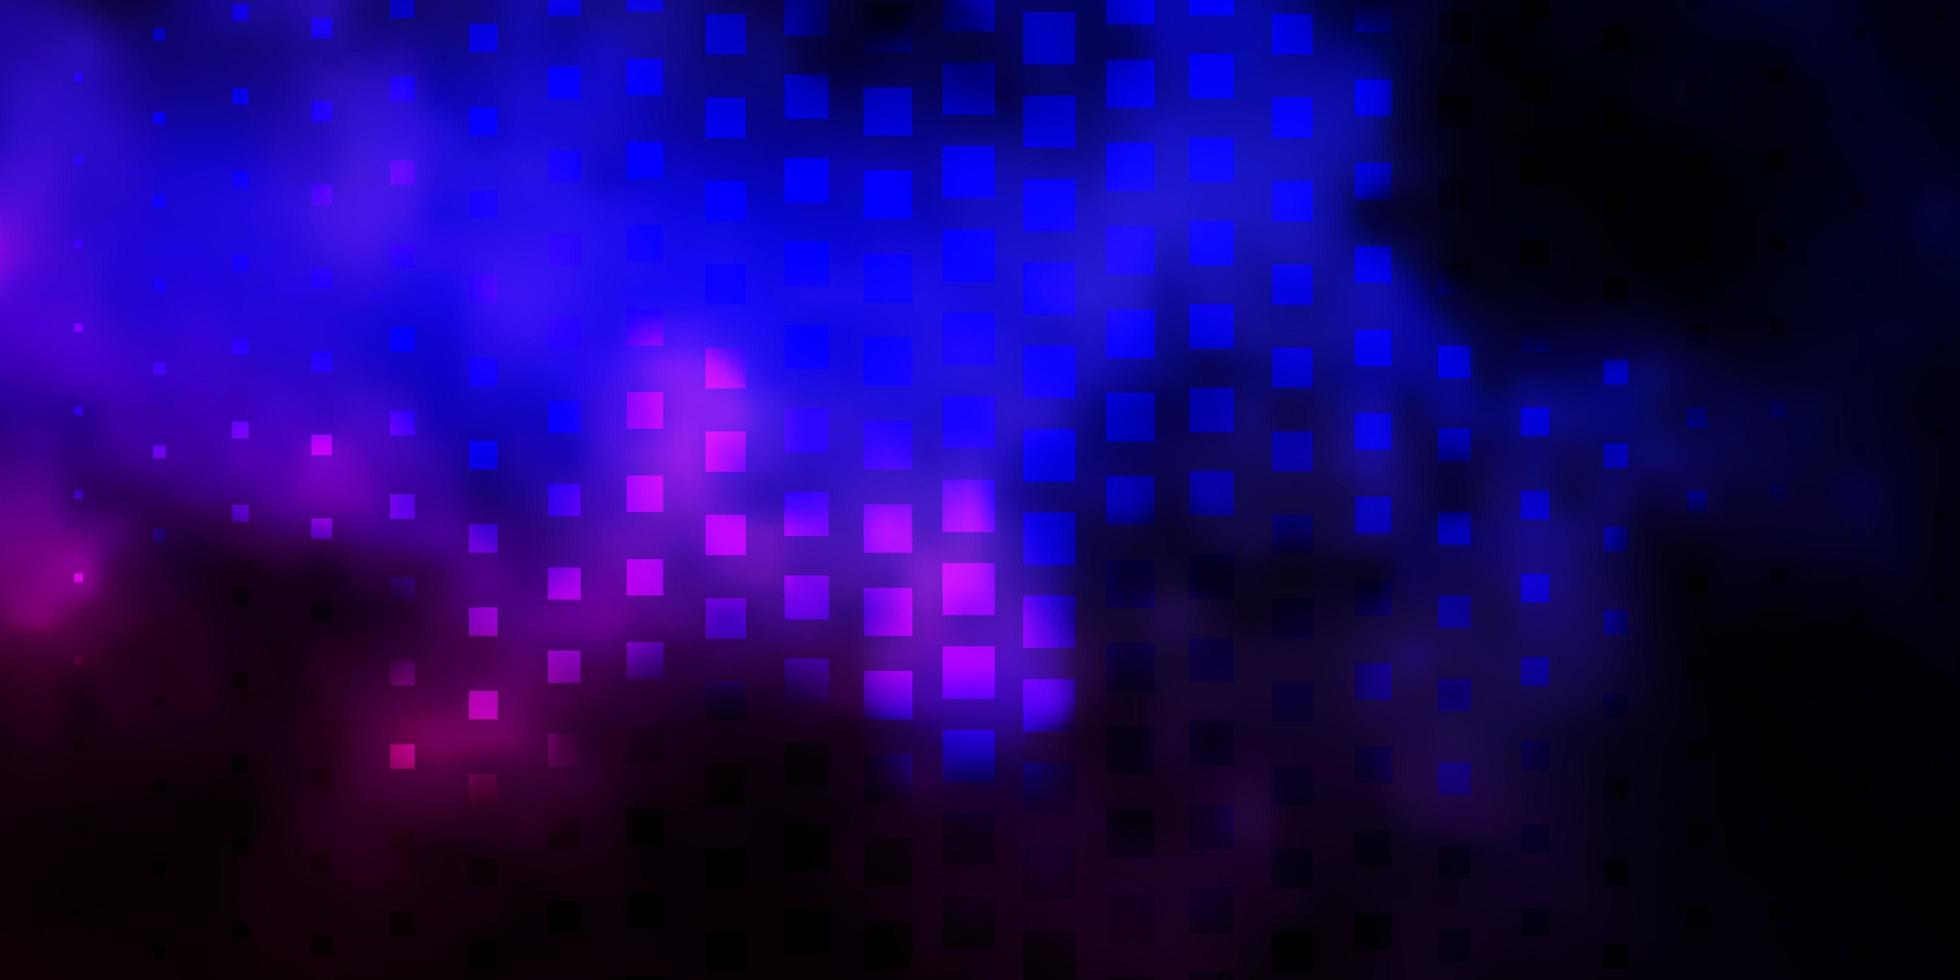 donkerroze, blauwe vectorachtergrond in veelhoekige stijl. vector